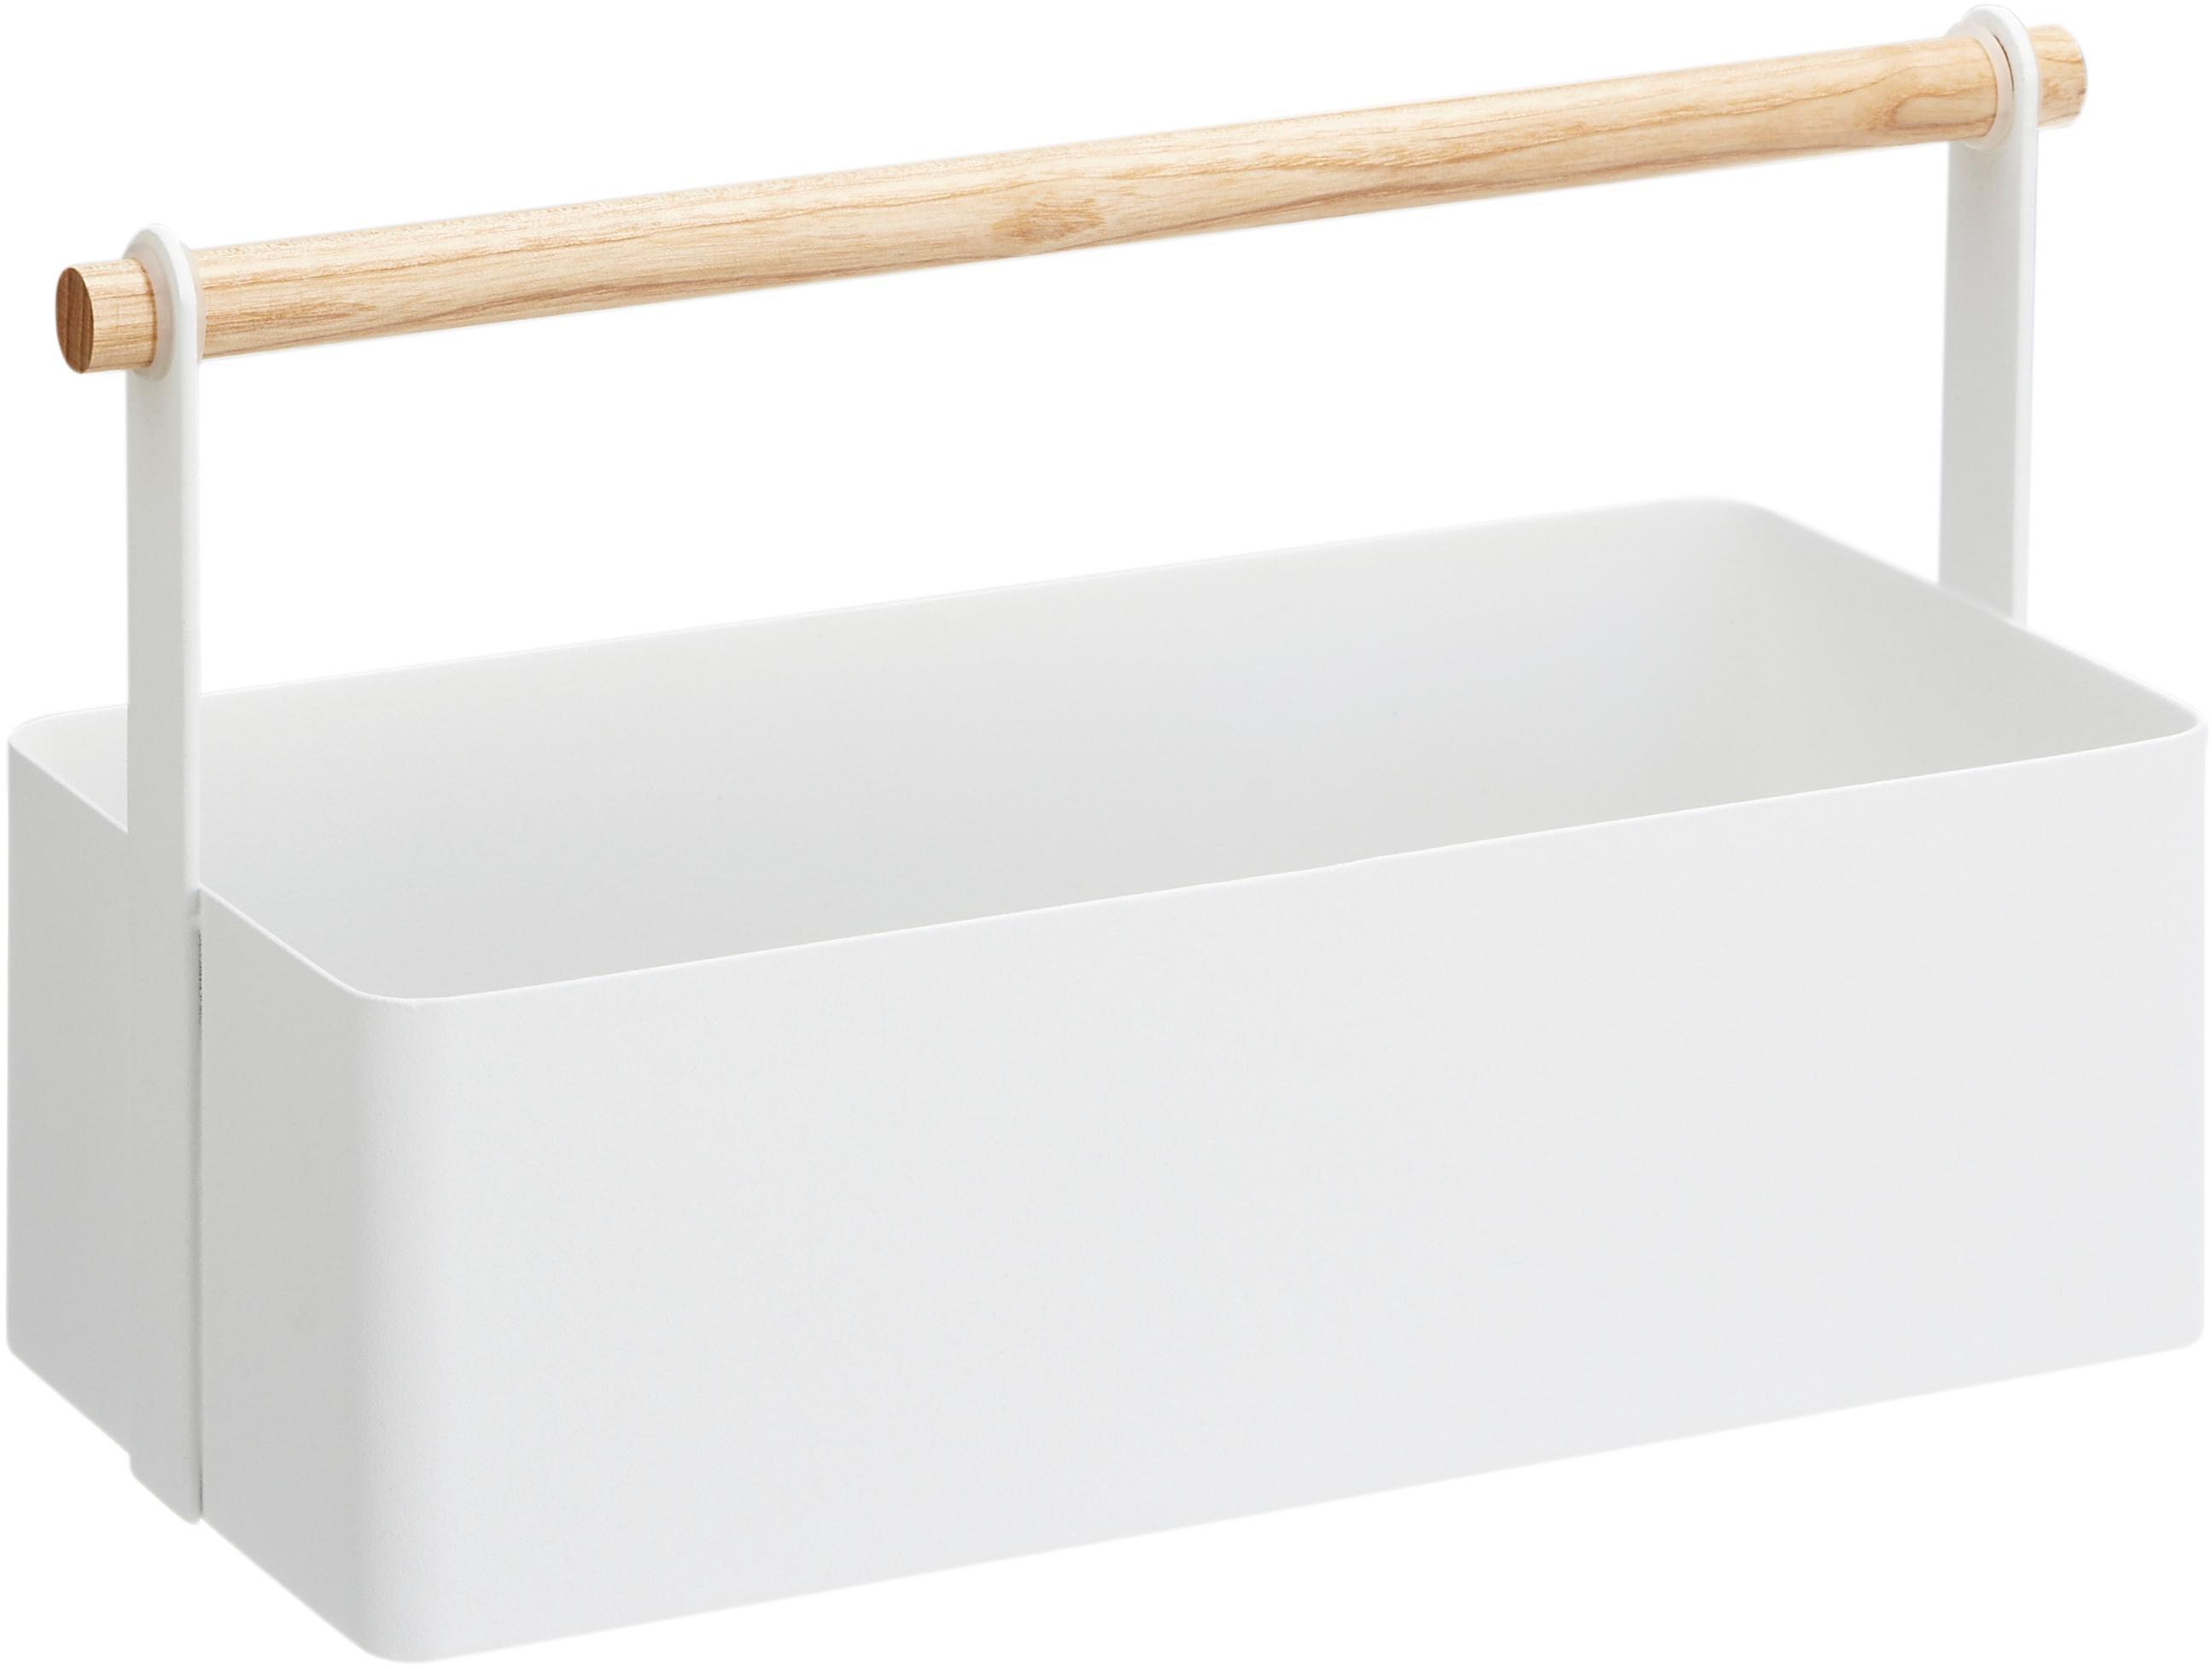 Organizer Tosca, Biały, brązowy, S 29 x W 16 cm